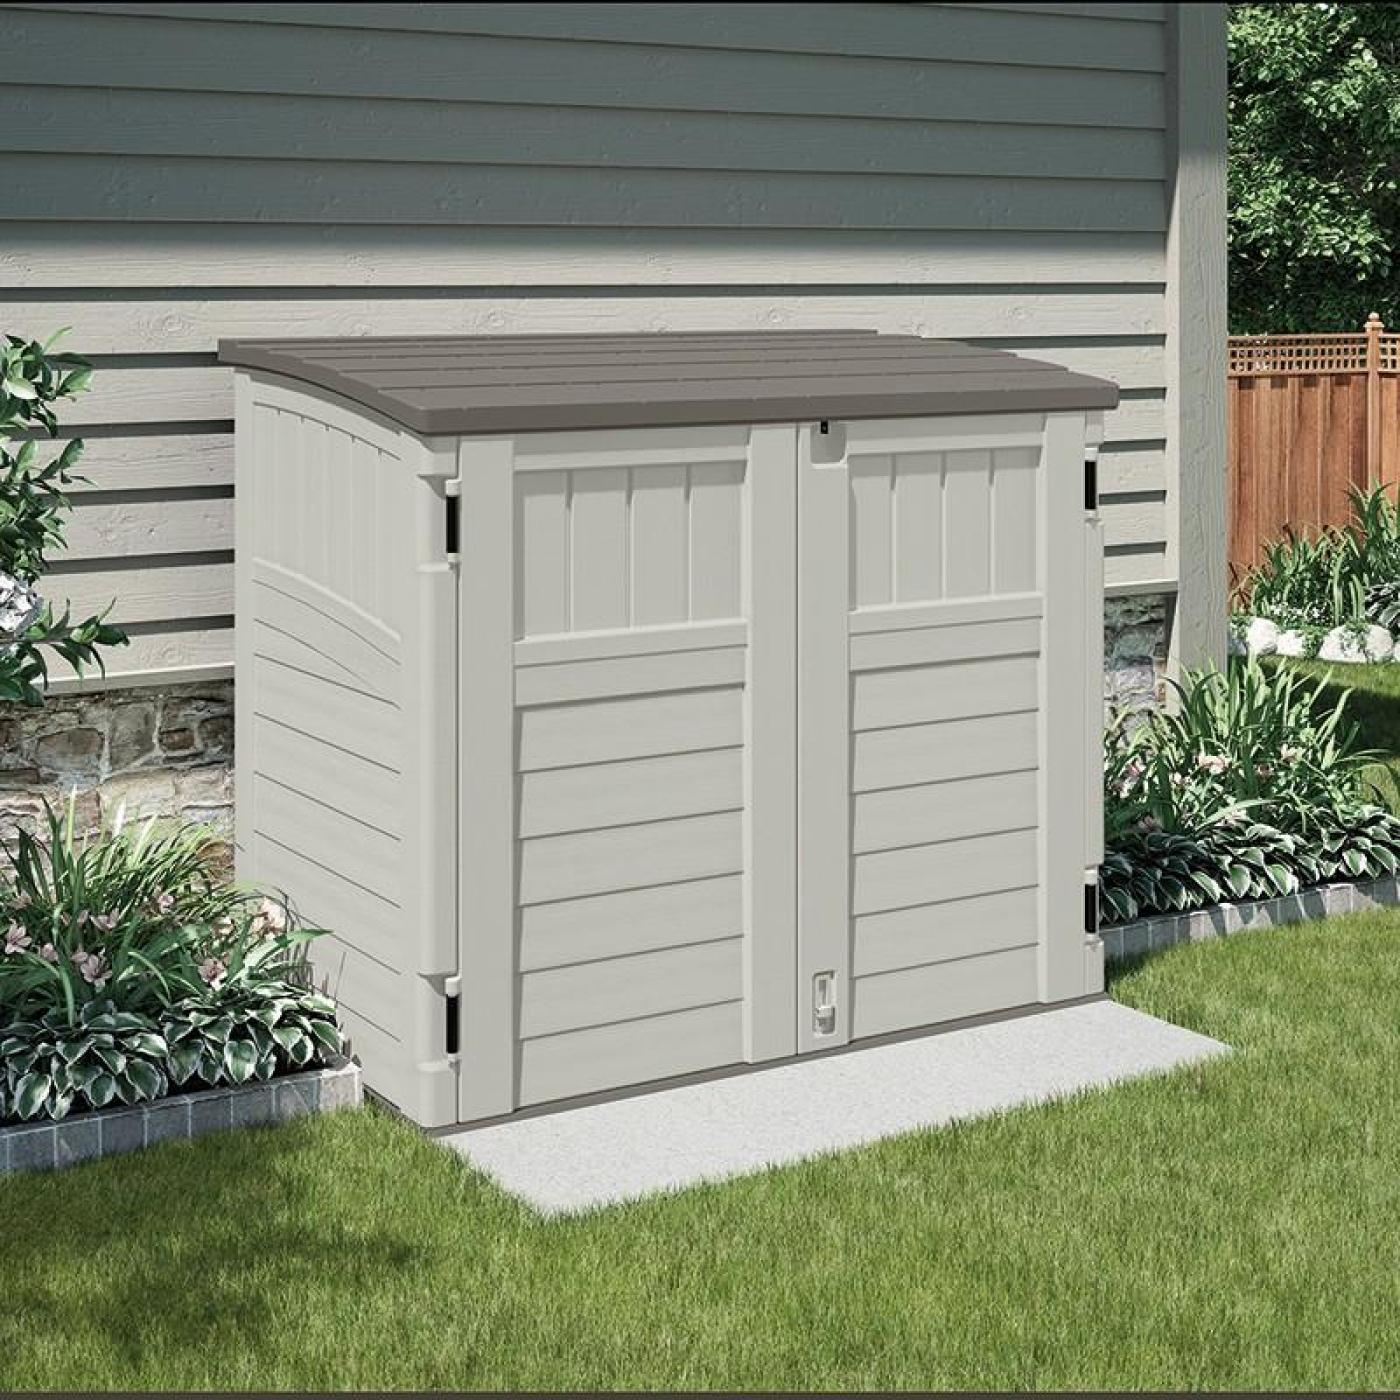 Arc n de jard n bms 2500 con puertas frontales suncast por for Arcones de jardin